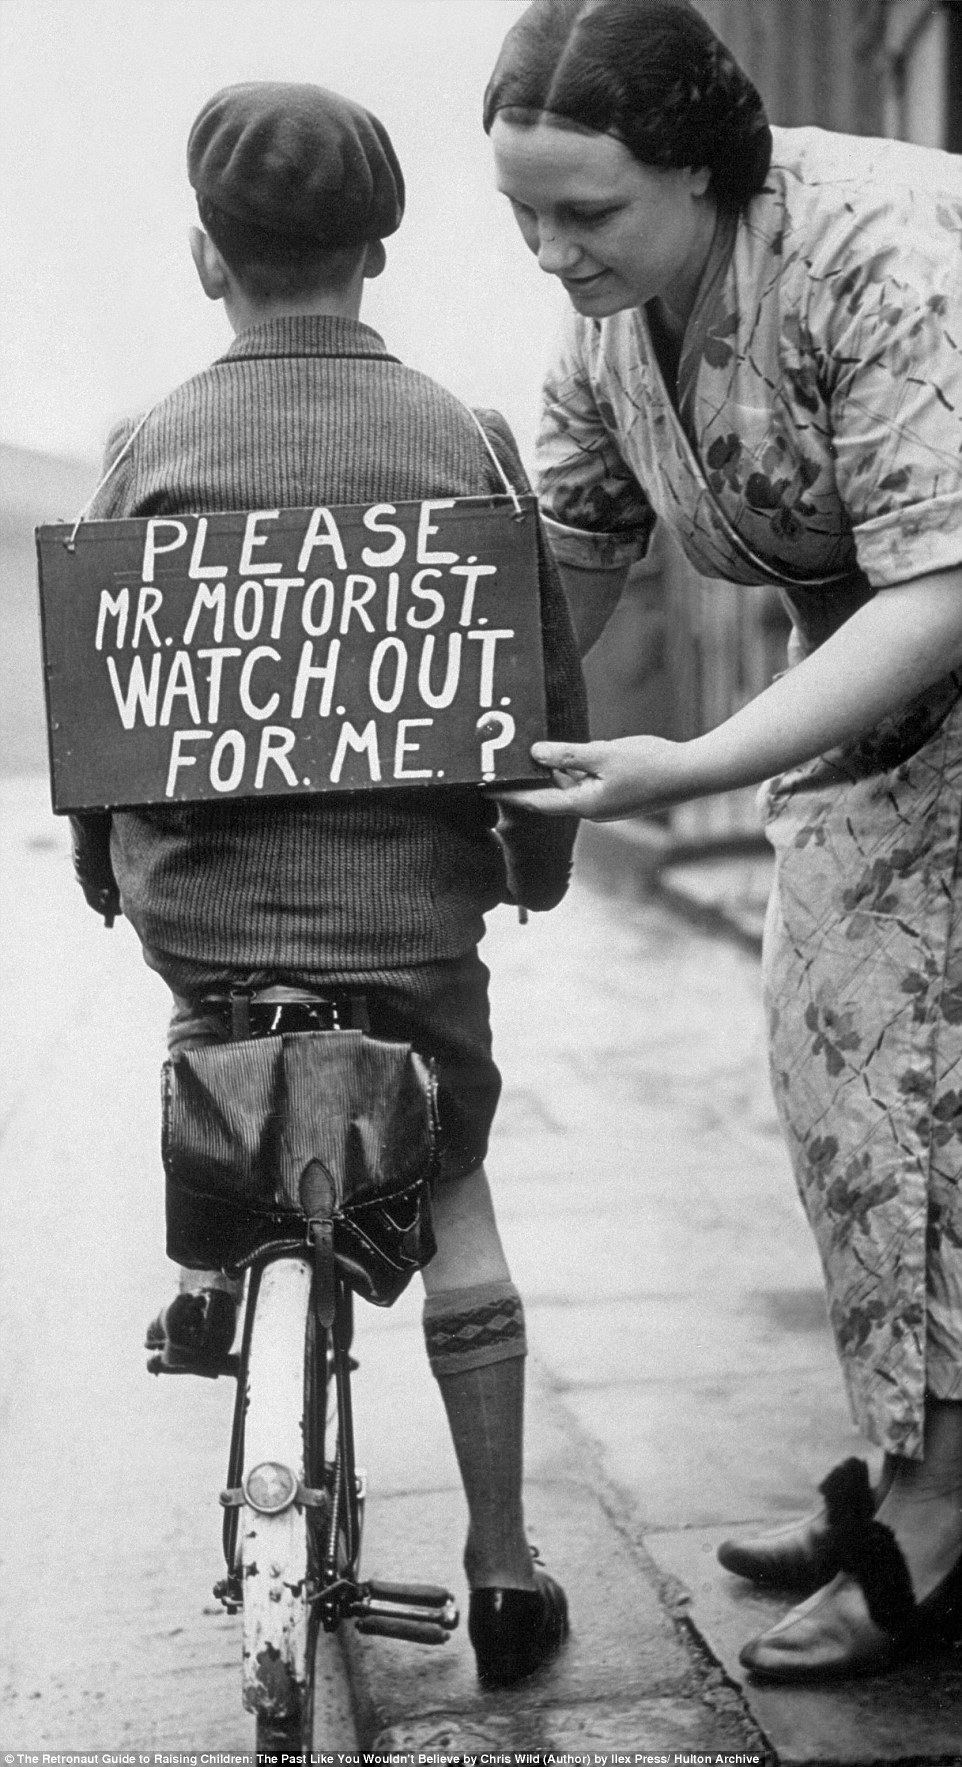 «Водитель, пожалуйста, будь аккуратнее по отношению ко мне!»: мама всего лишь хочет, чтобы ее ребенк